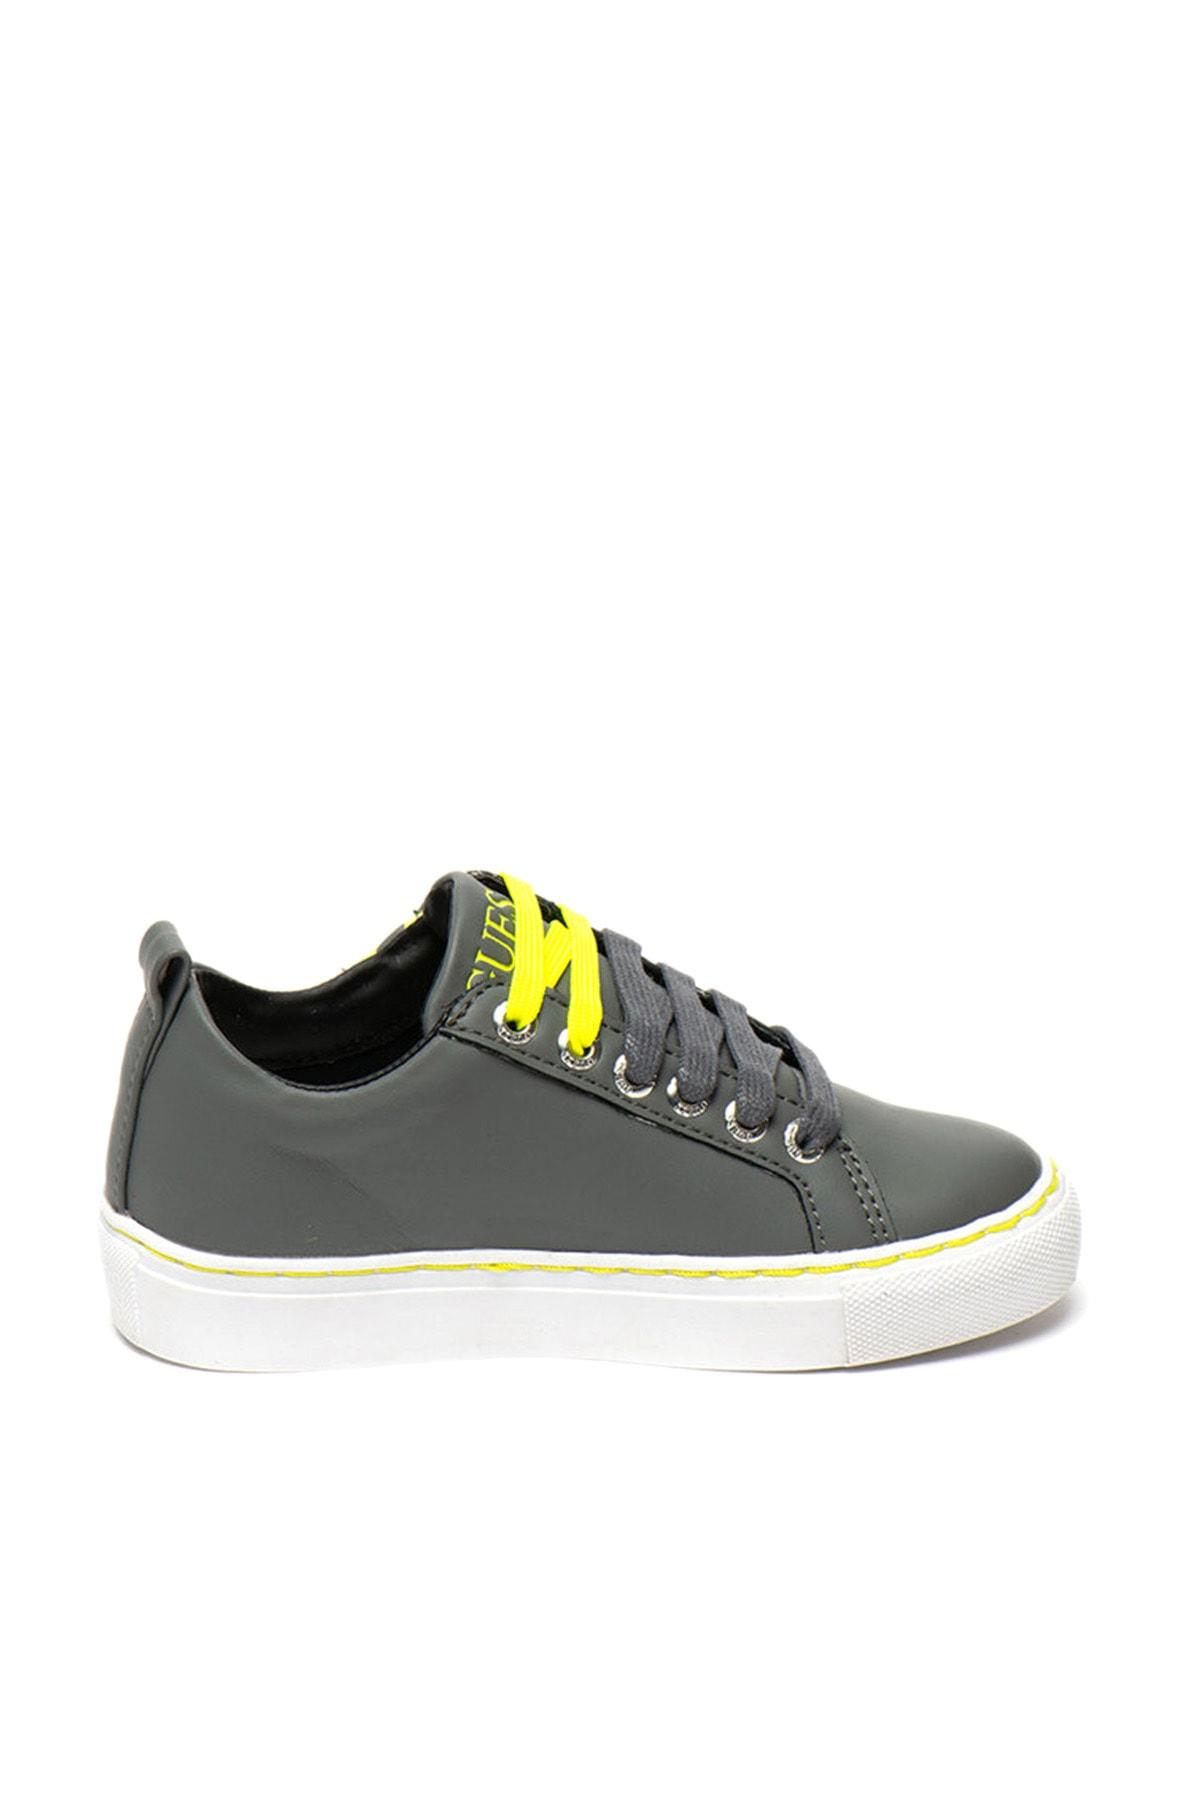 Guess Erkek Çocuk Sarı Ayakkabı 2